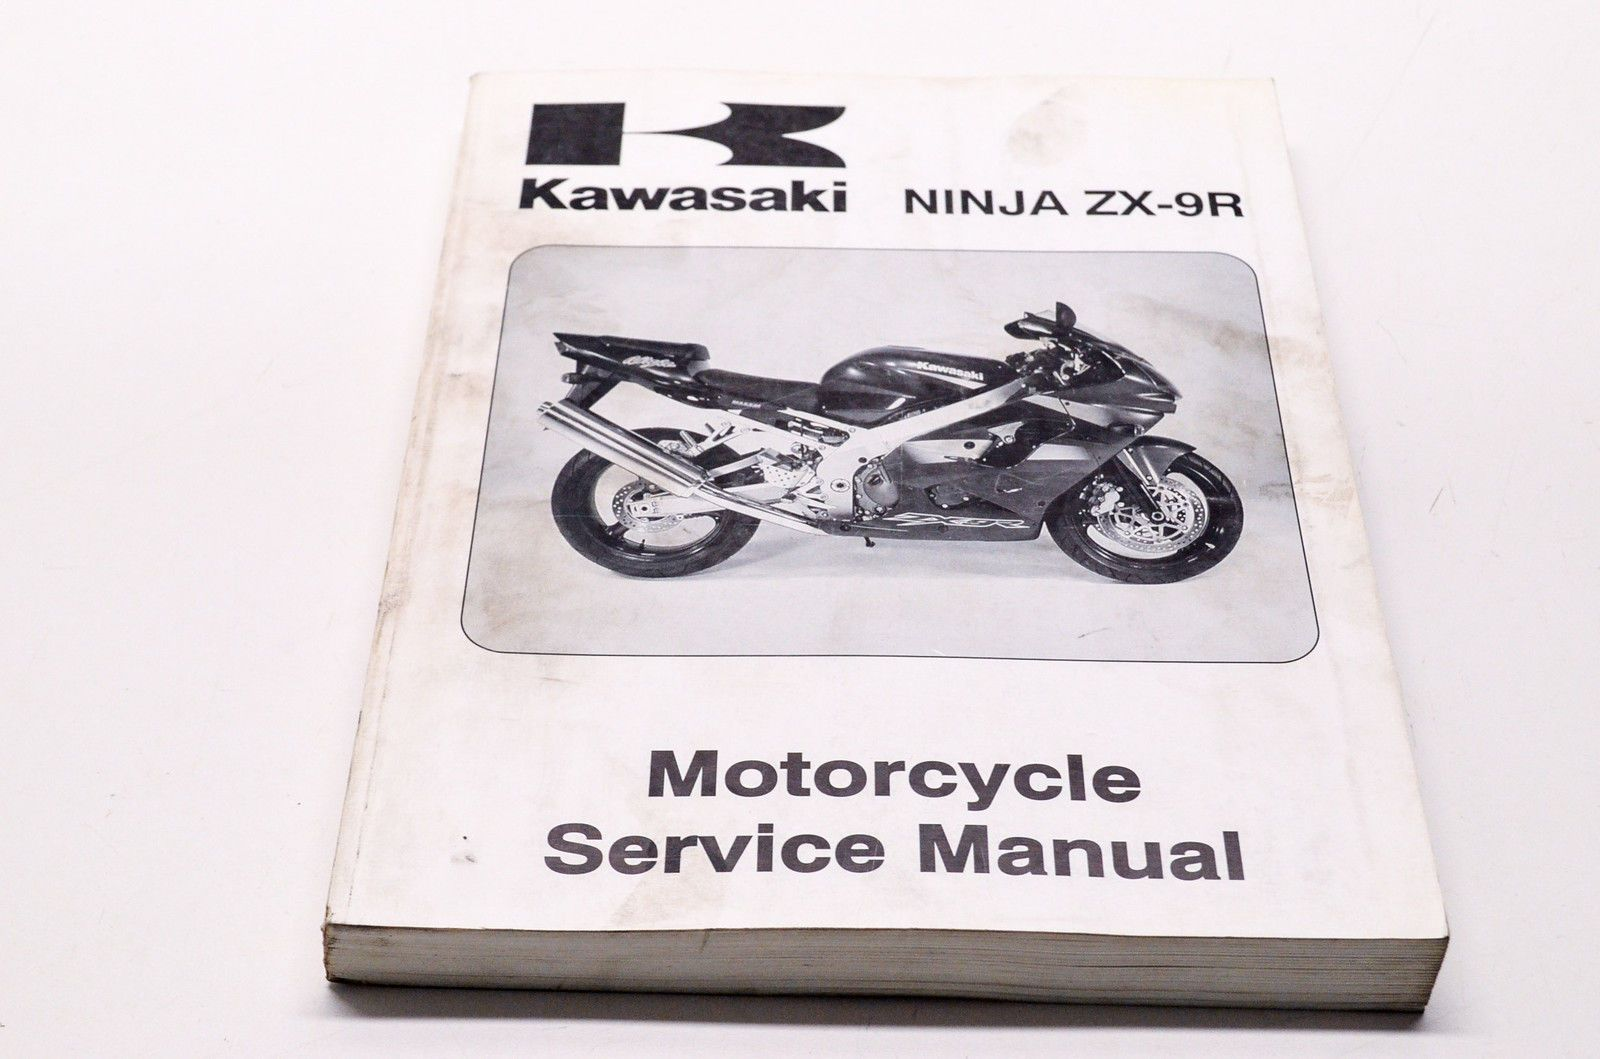 Kawasaki 2002 Ninja ZX-9R Shop Repair Service Manual | eBay